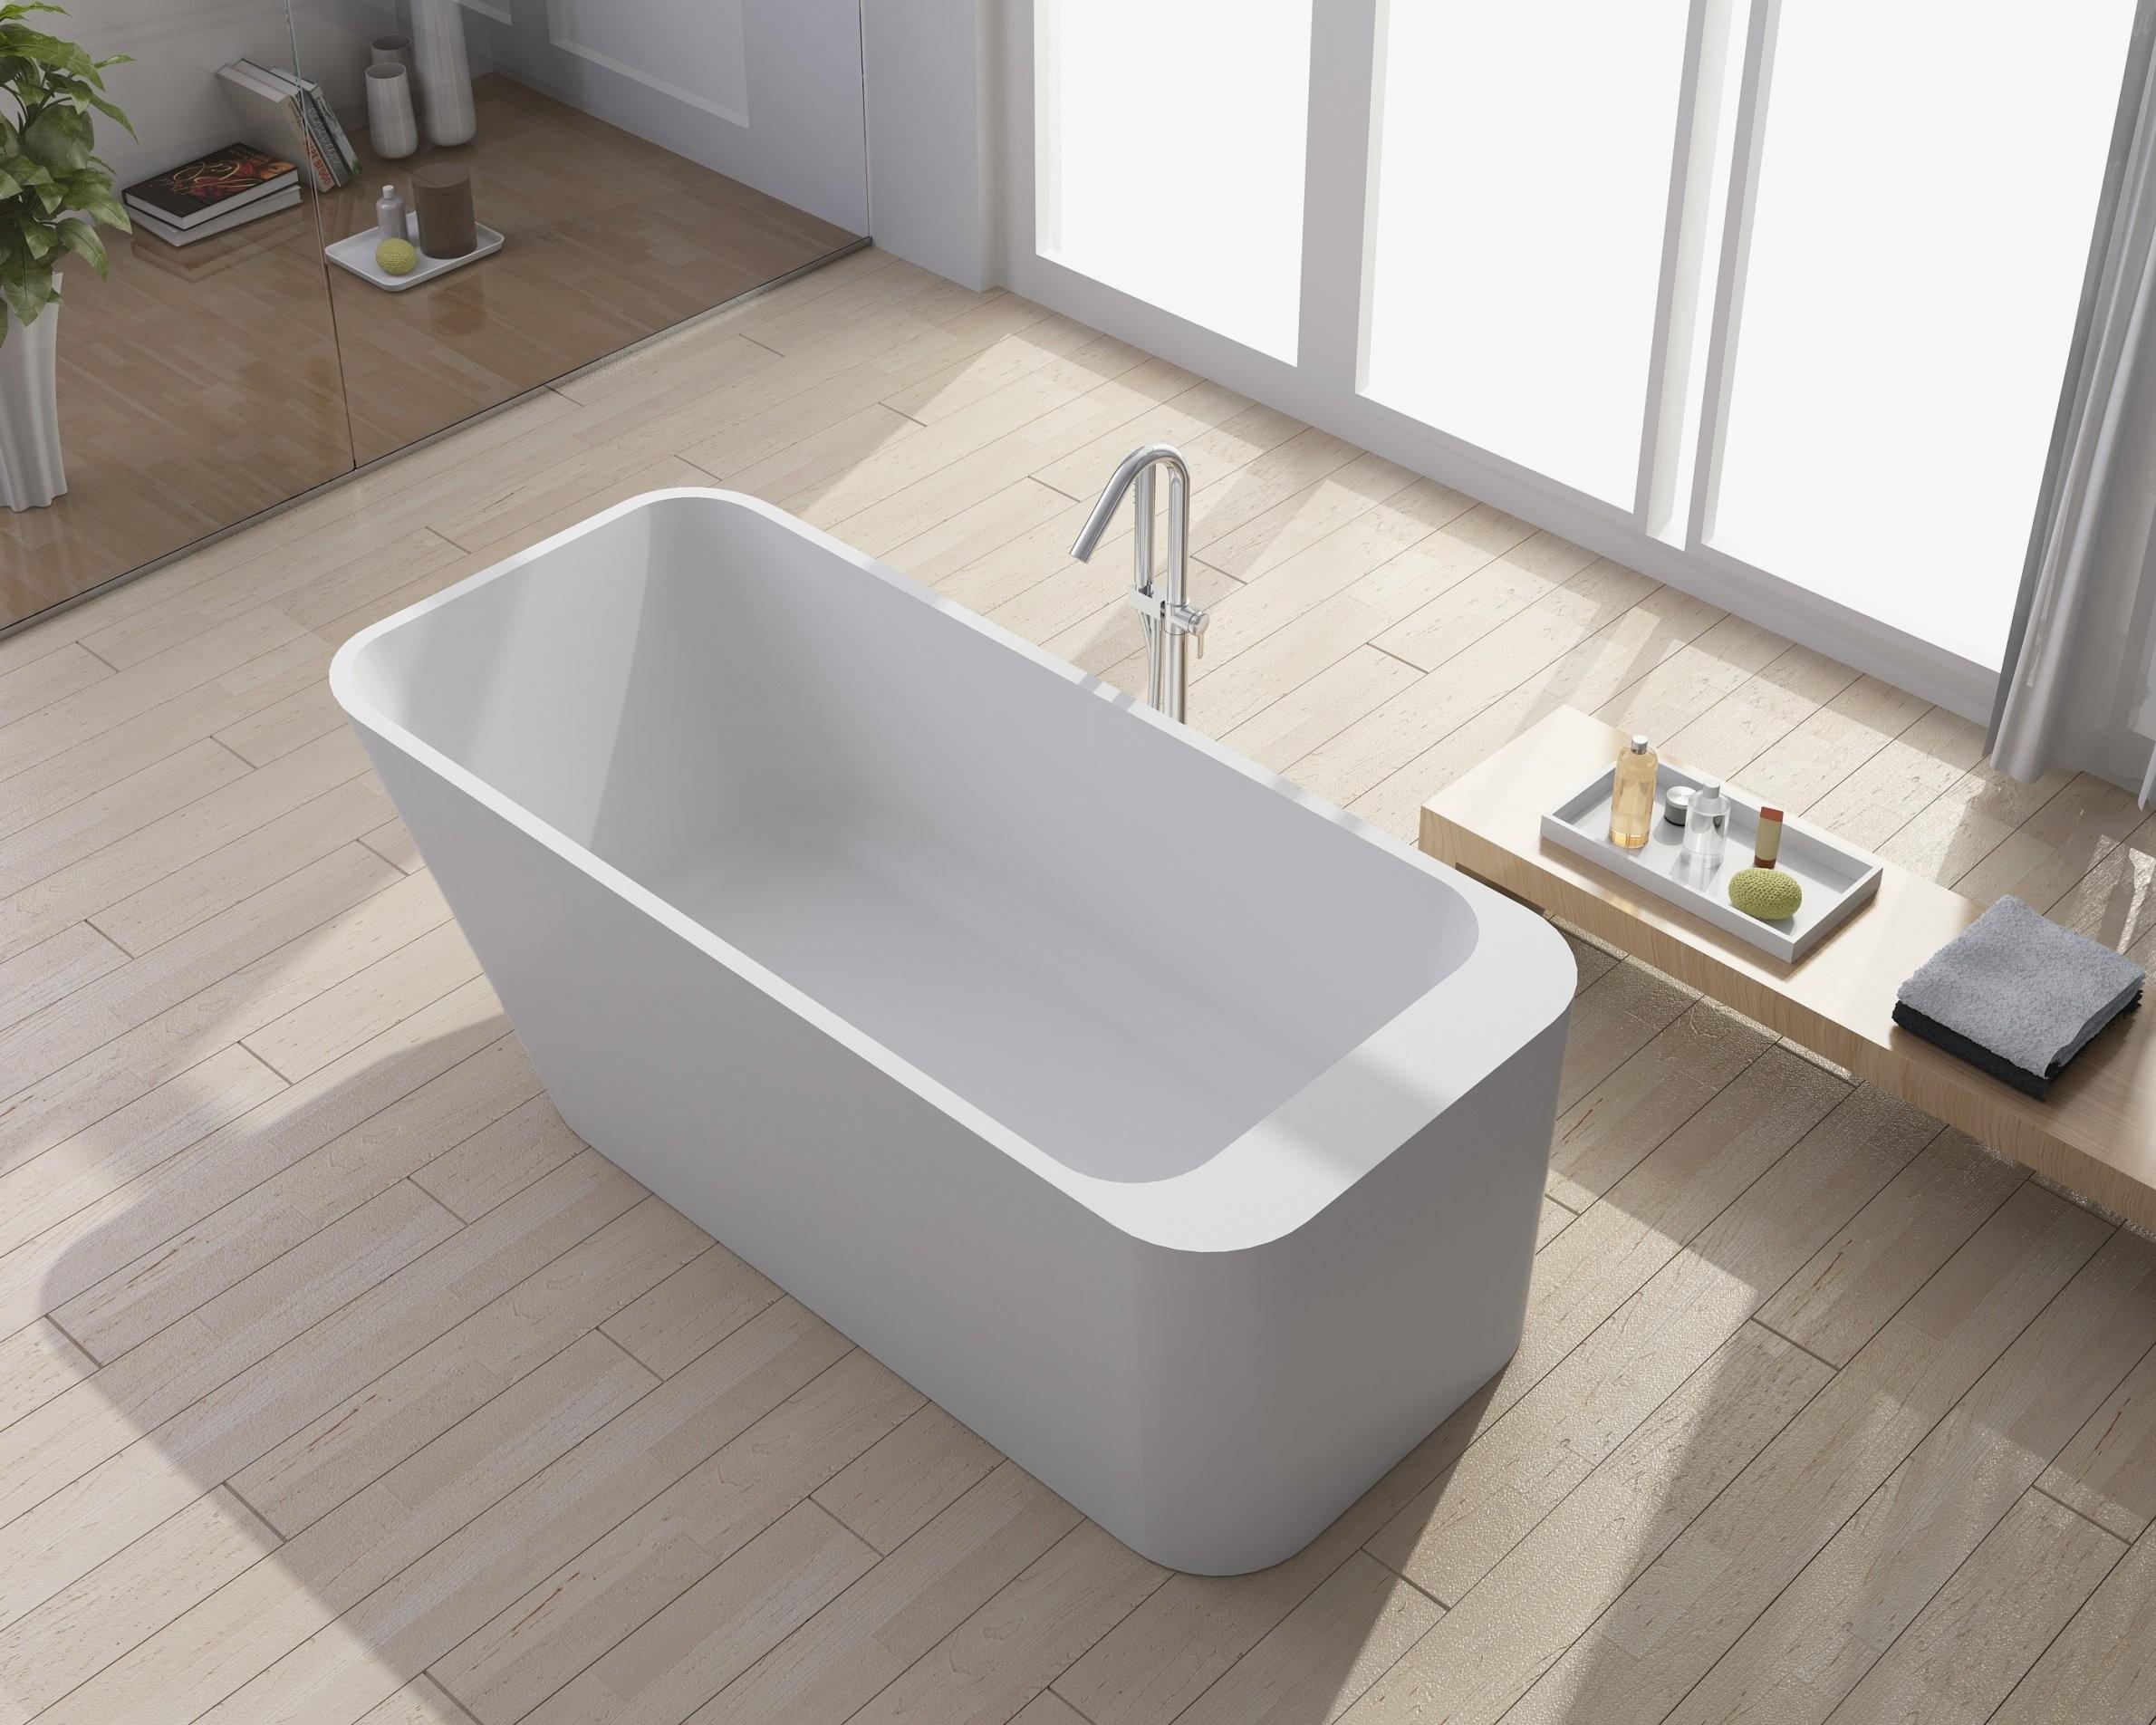 Freistehende Badewanne Eckig  Haus Ideen von Badewanne Eckig Freistehend Bild